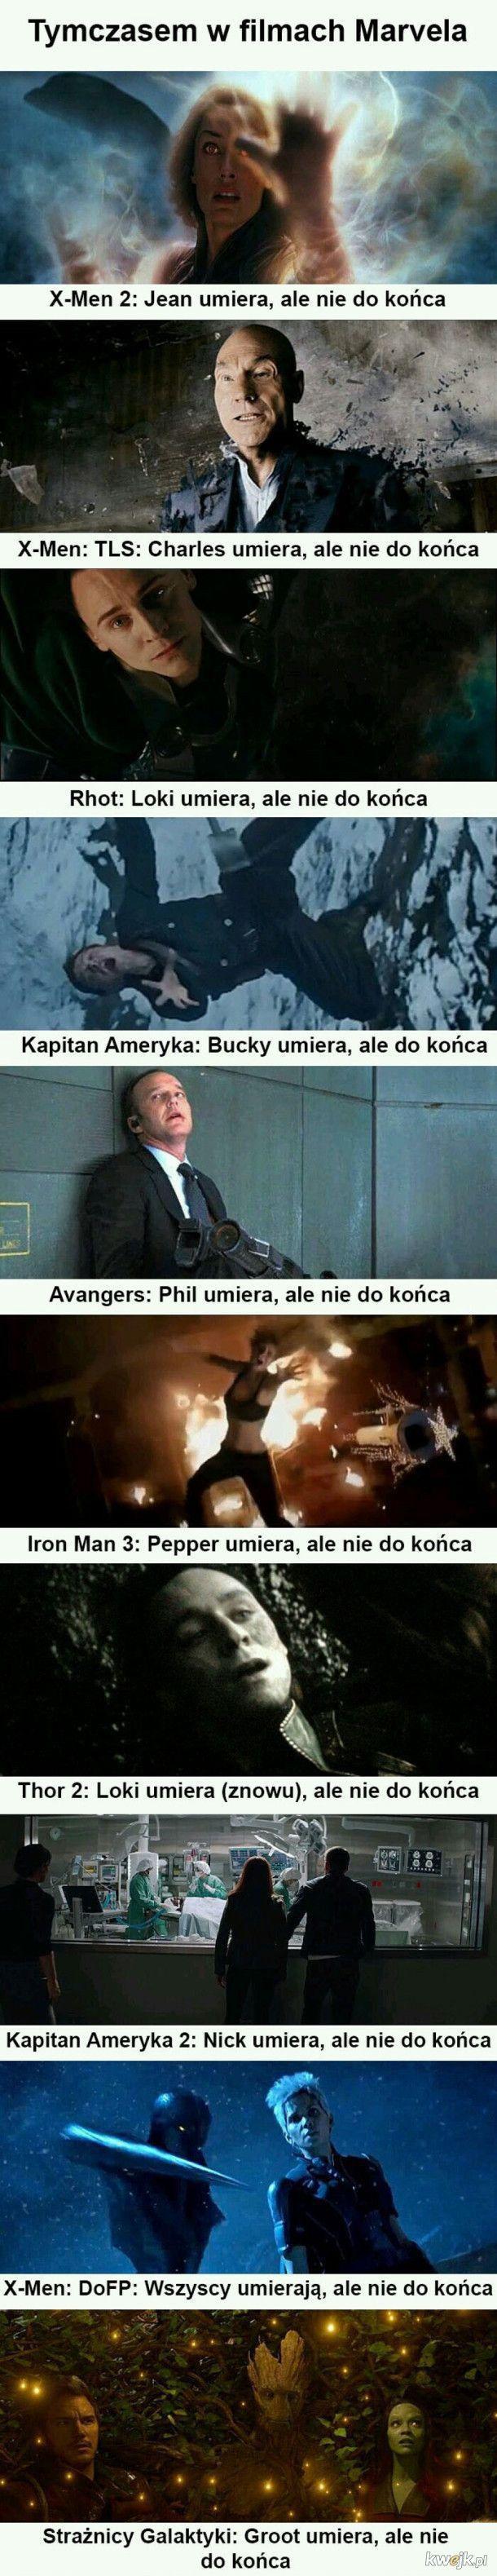 Tymczasem w Marvelu